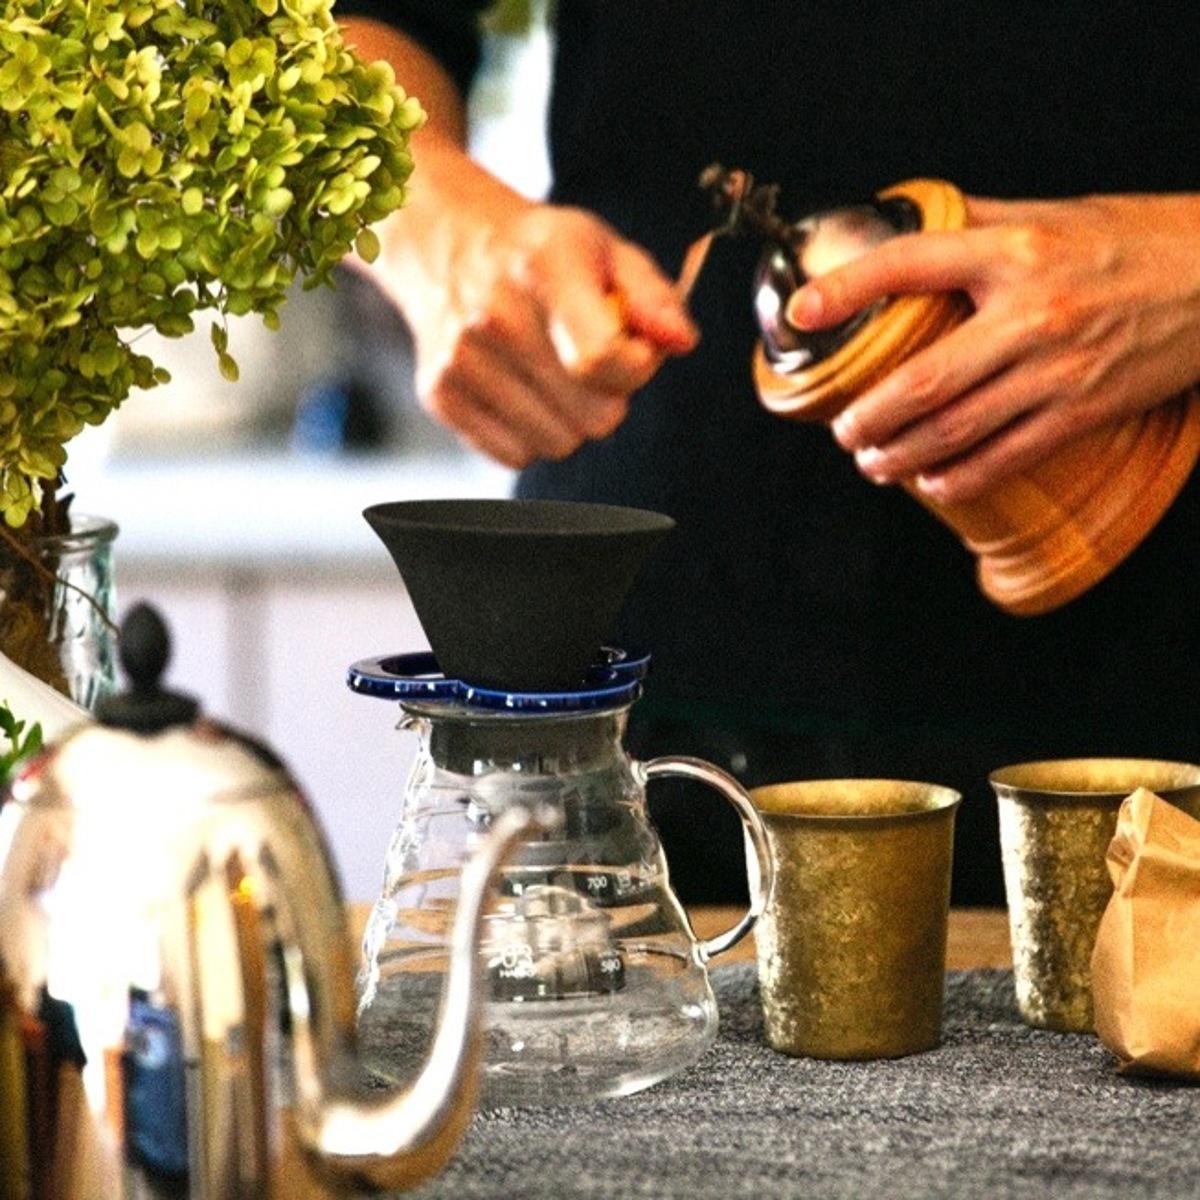 コーヒーをおいしくいただく3つの秘訣《Story》|いつもの豆とフィルターとカップで簡単に